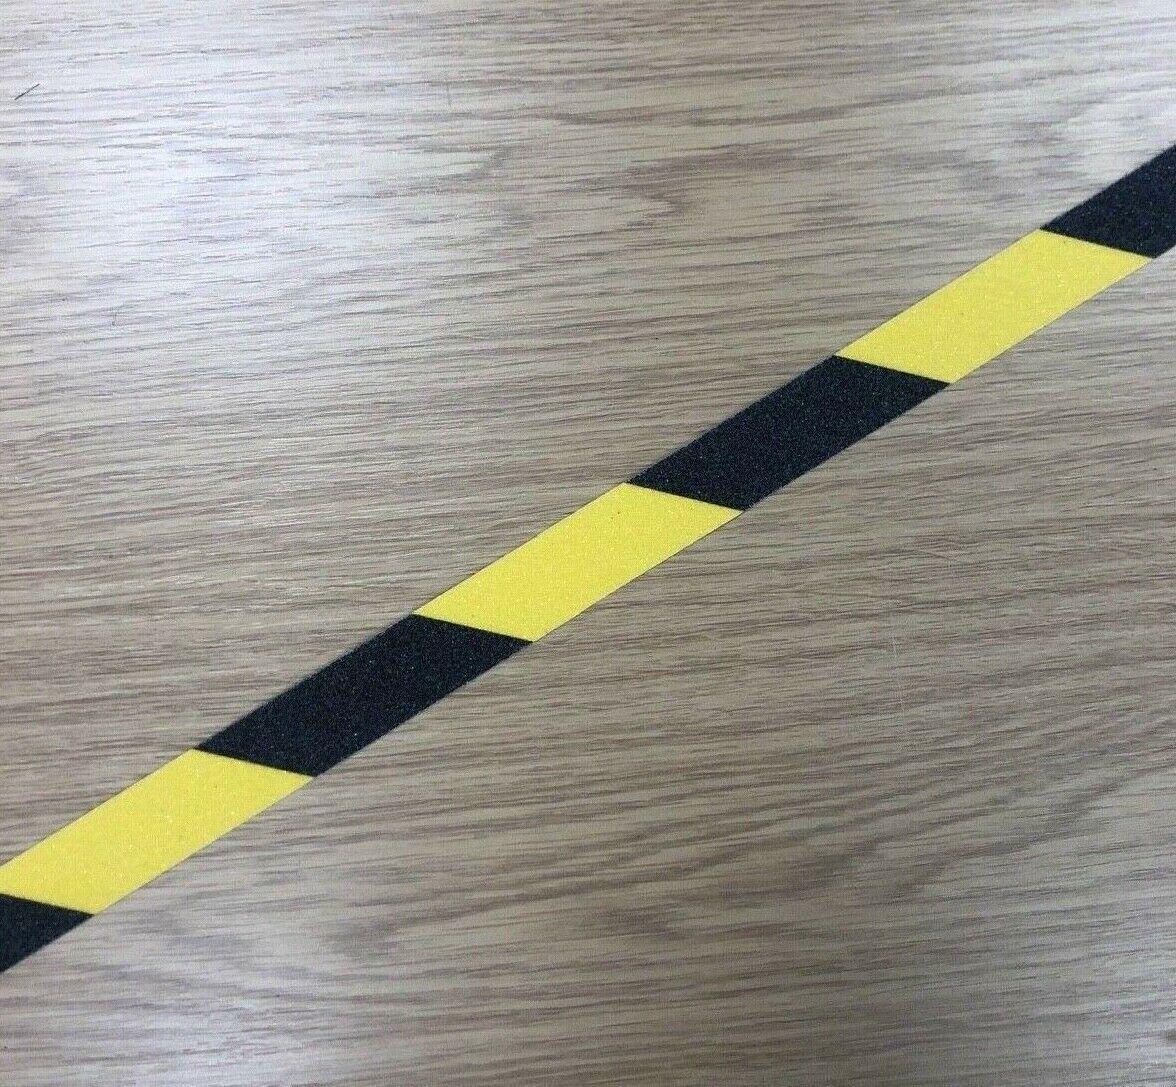 1m Strips 25mm Anti-Slip Tape Black/Yellow Grip Warning Hazard Adhesive